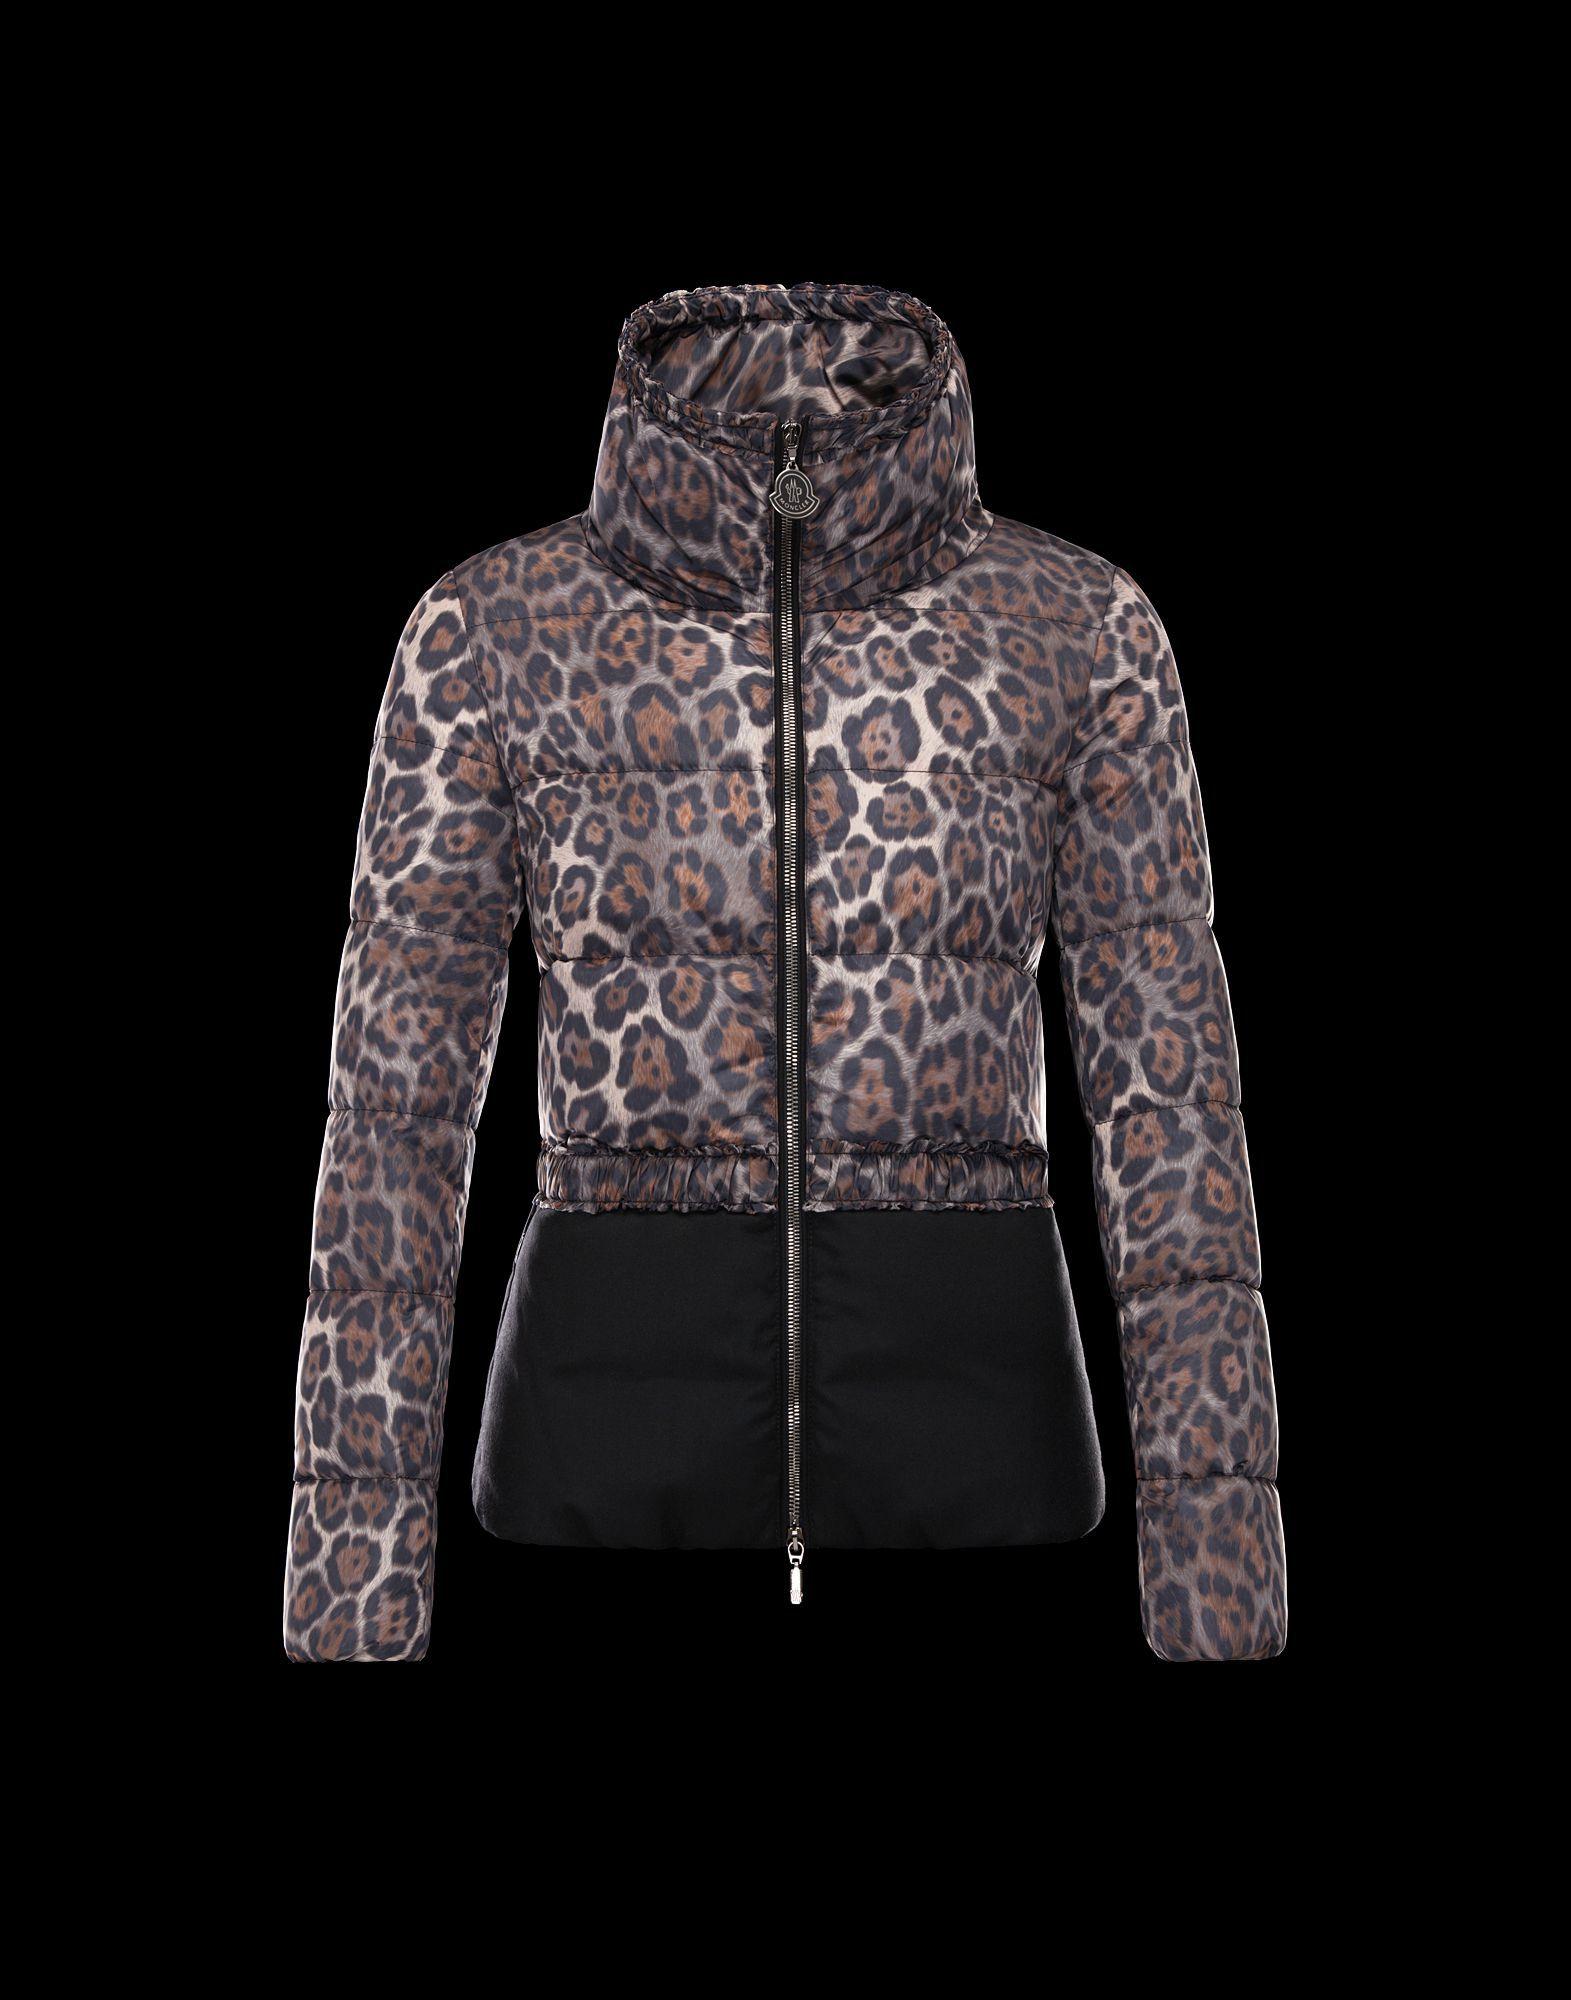 8a61c5d4b Moncler - Argentee leopard print jacket